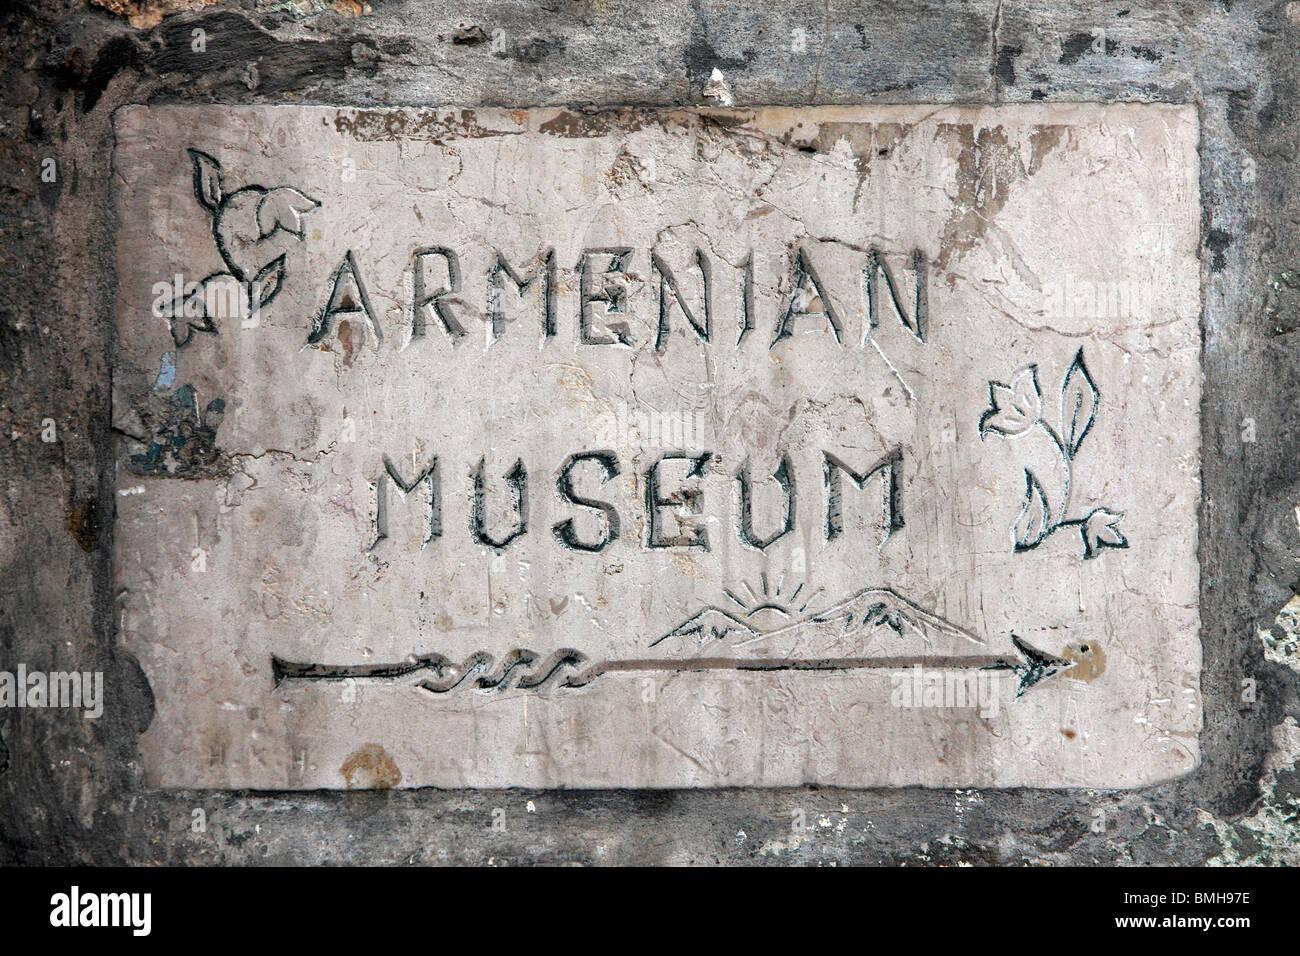 Israel,Jerusalem,Armenian Quarter,Armenian Museum - Stock Image